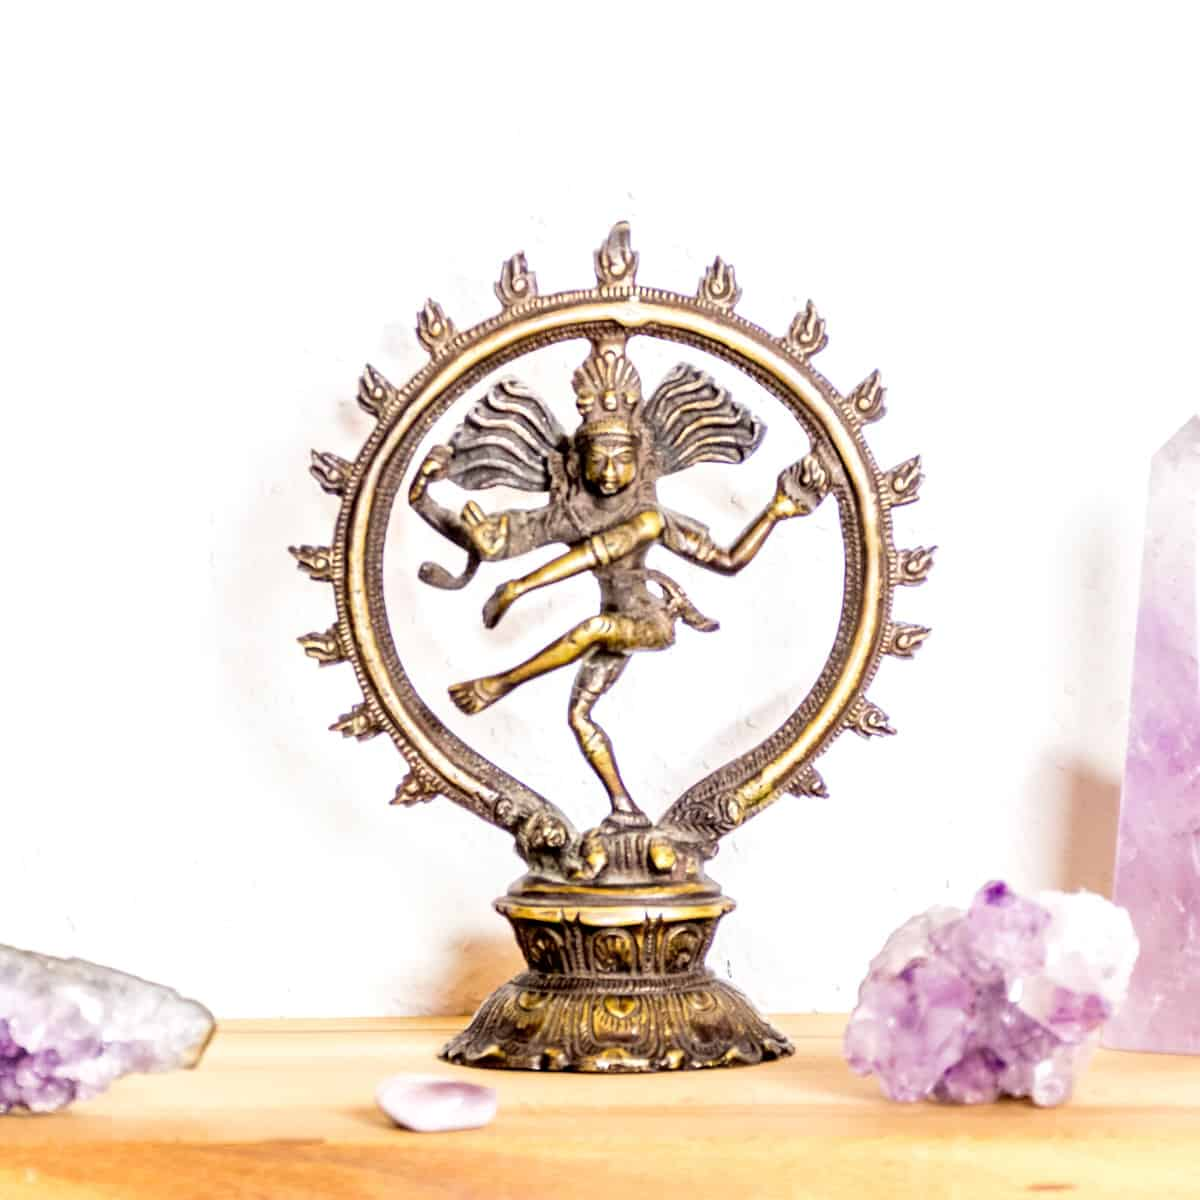 Yoga ist ein jahrtausendealtes Übungssystem zur Einheit und Harmonie von Geist und Seele